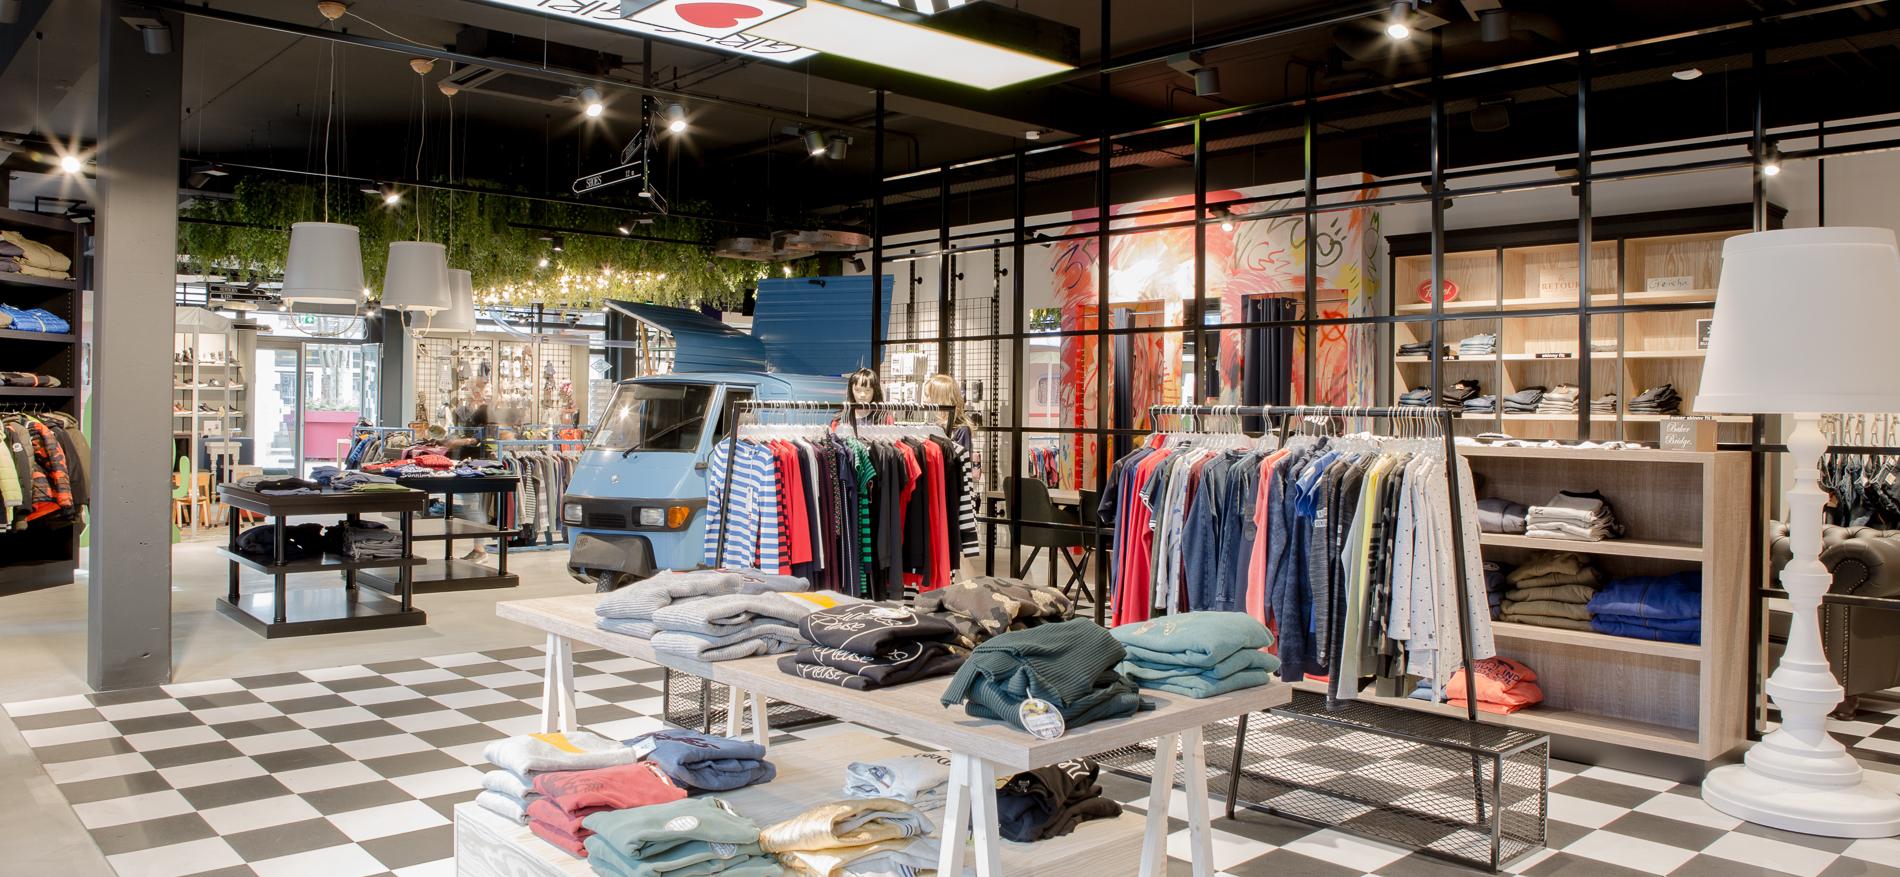 Design Kinderkleding.Bubbles Bo Winkelinrichting Kinderkleding Door Wsb Retail Design